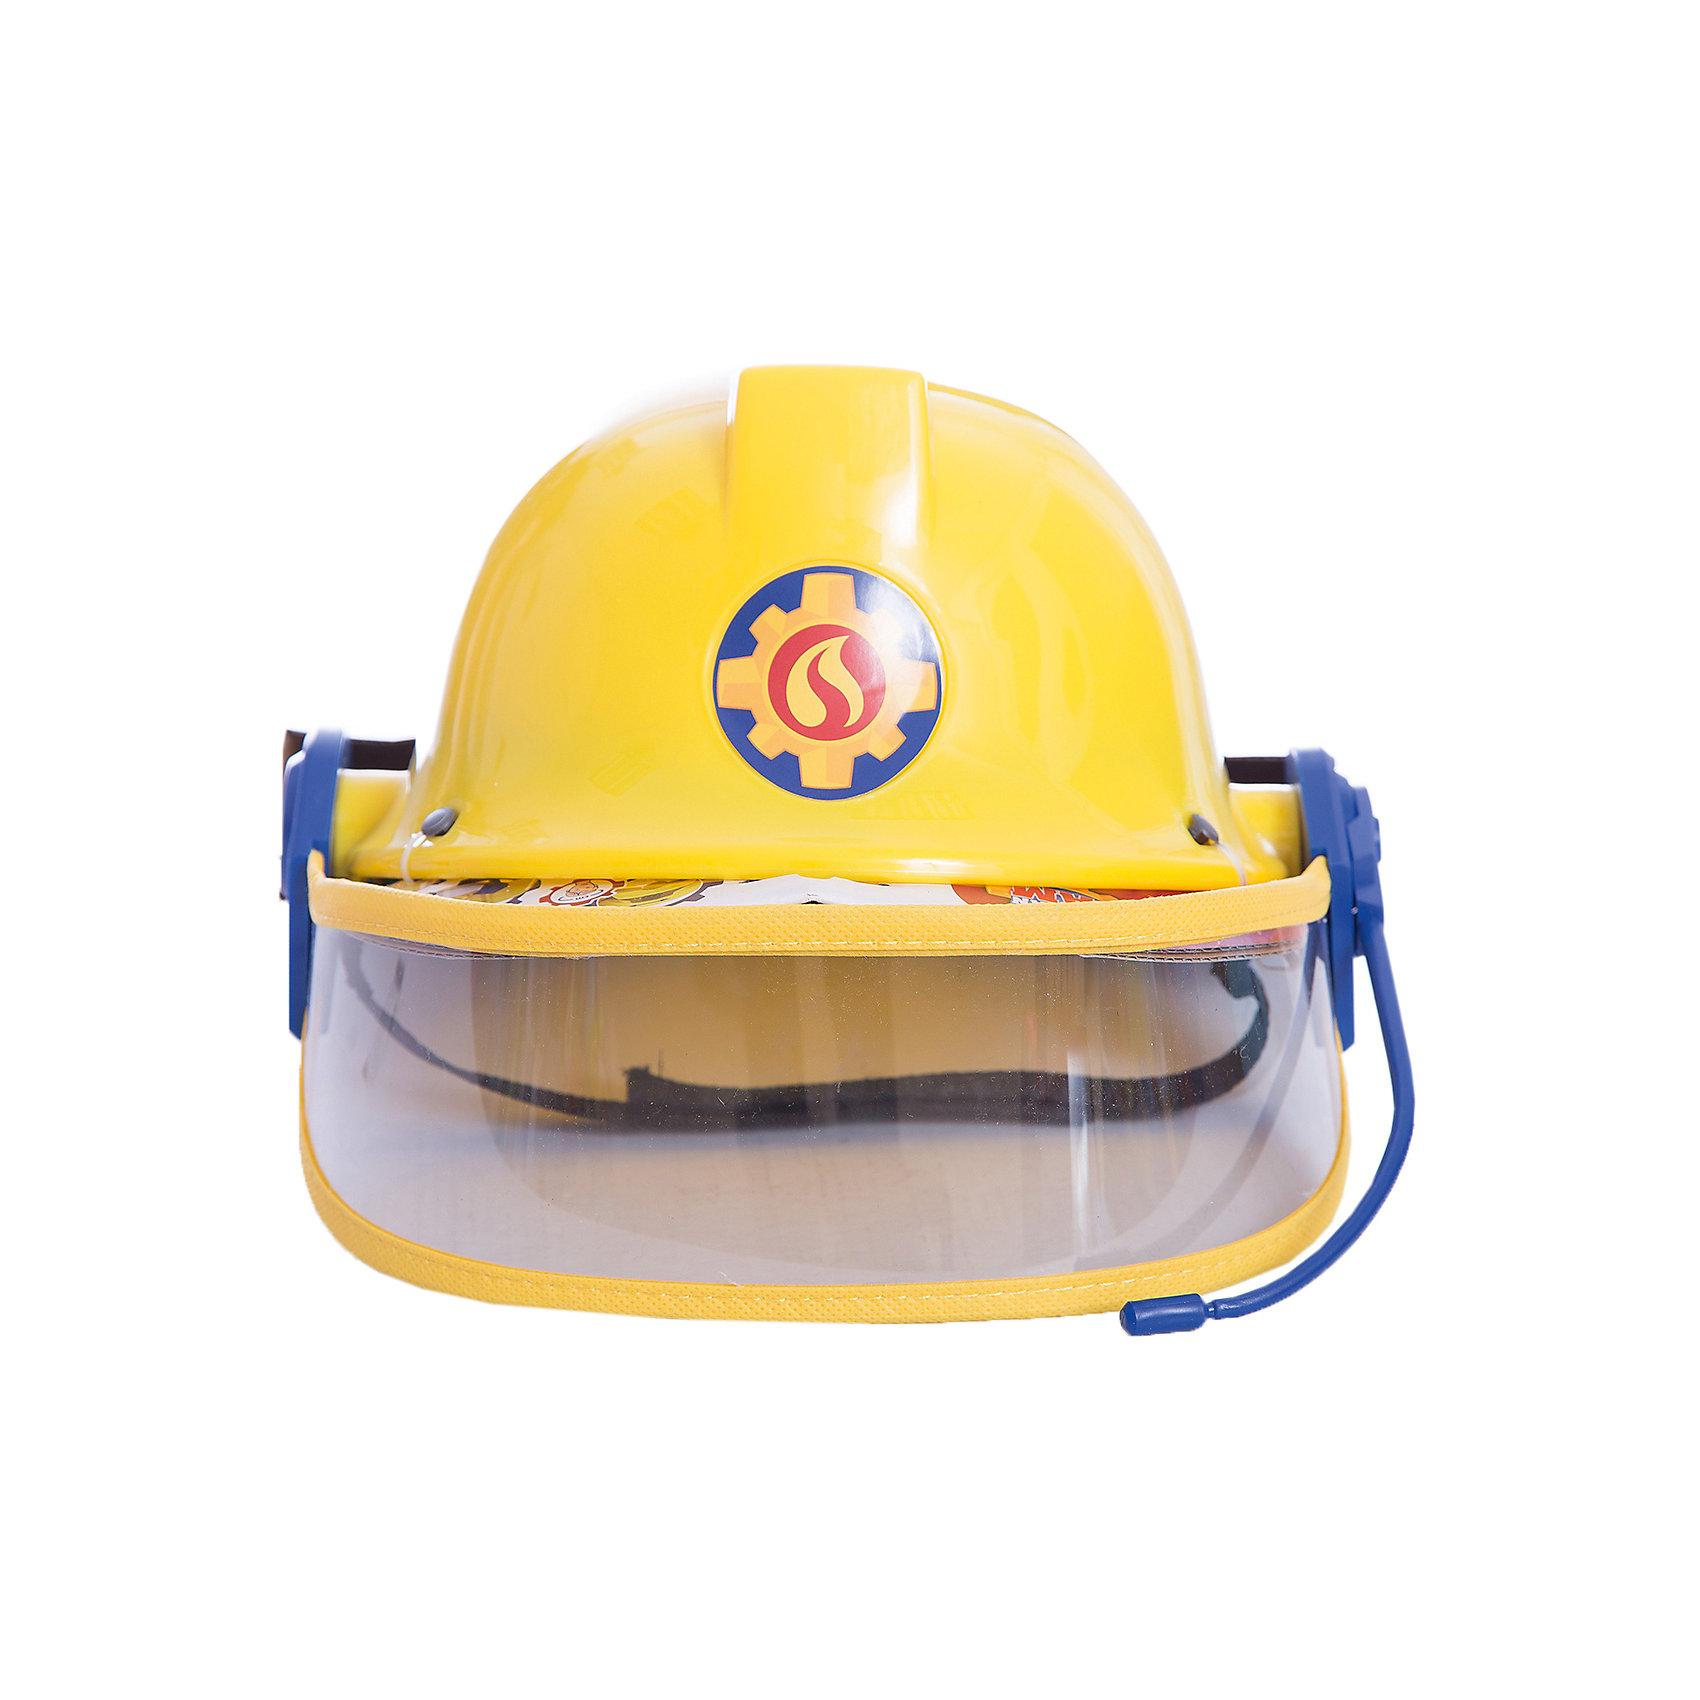 Каска с микрофоном Пожарный Сэм, диаметр 23 см, SimbaМастерская и инструменты<br>Каска с микрофоном Пожарный Сэм, диаметр 23 см, Simba (Симба)<br><br>Характеристики:<br><br>• фиксирующий ремешок<br>• защитное стекло<br>• диаметр каски: 23 см<br>• для окружности головы: 48-53 см<br>• материал: пластик, текстиль<br>• размер упаковки: 13х23,5х27,5 см<br>• вес: 100 грамм<br><br>Поклонники мультфильма Пожарный Сэм будут в восторге от красивой каски пожарного. Каска изготовлена из прочного пластика и имеет защитный ремешок с липучкой, предназначенный для фиксации. Регулируемое забрало защитит лицо от повреждений. Реалистичный дизайн каски с микрофоном позволит ребенку почувствовать себя настоящим пожарным, спешащим спасти людей из огня.<br><br>Каску с микрофоном Пожарный Сэм, диаметр 23 см, Simba (Симба) можно купить в нашем интернет-магазине.<br><br>Ширина мм: 130<br>Глубина мм: 235<br>Высота мм: 275<br>Вес г: 100<br>Возраст от месяцев: 36<br>Возраст до месяцев: 84<br>Пол: Мужской<br>Возраст: Детский<br>SKU: 5506953